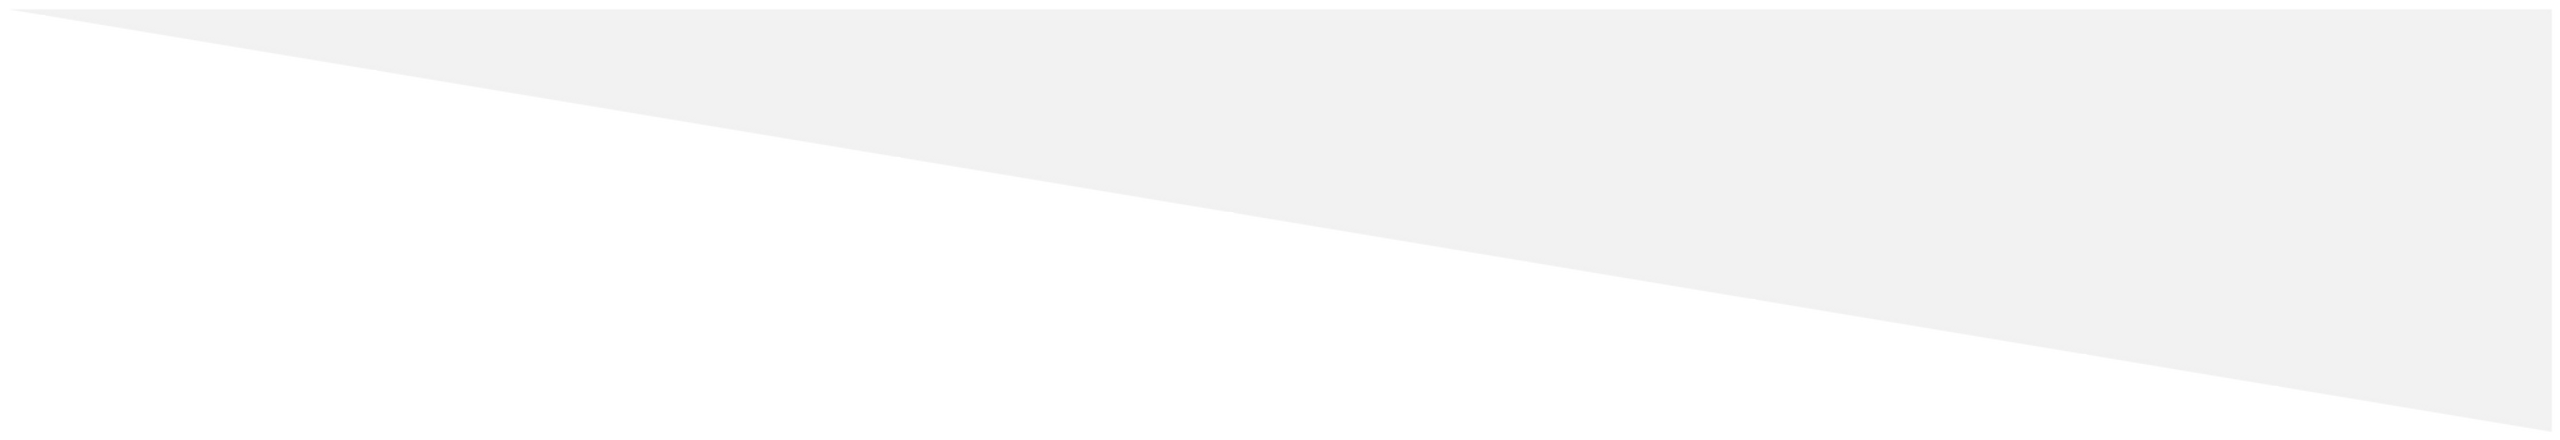 三角02-01.png